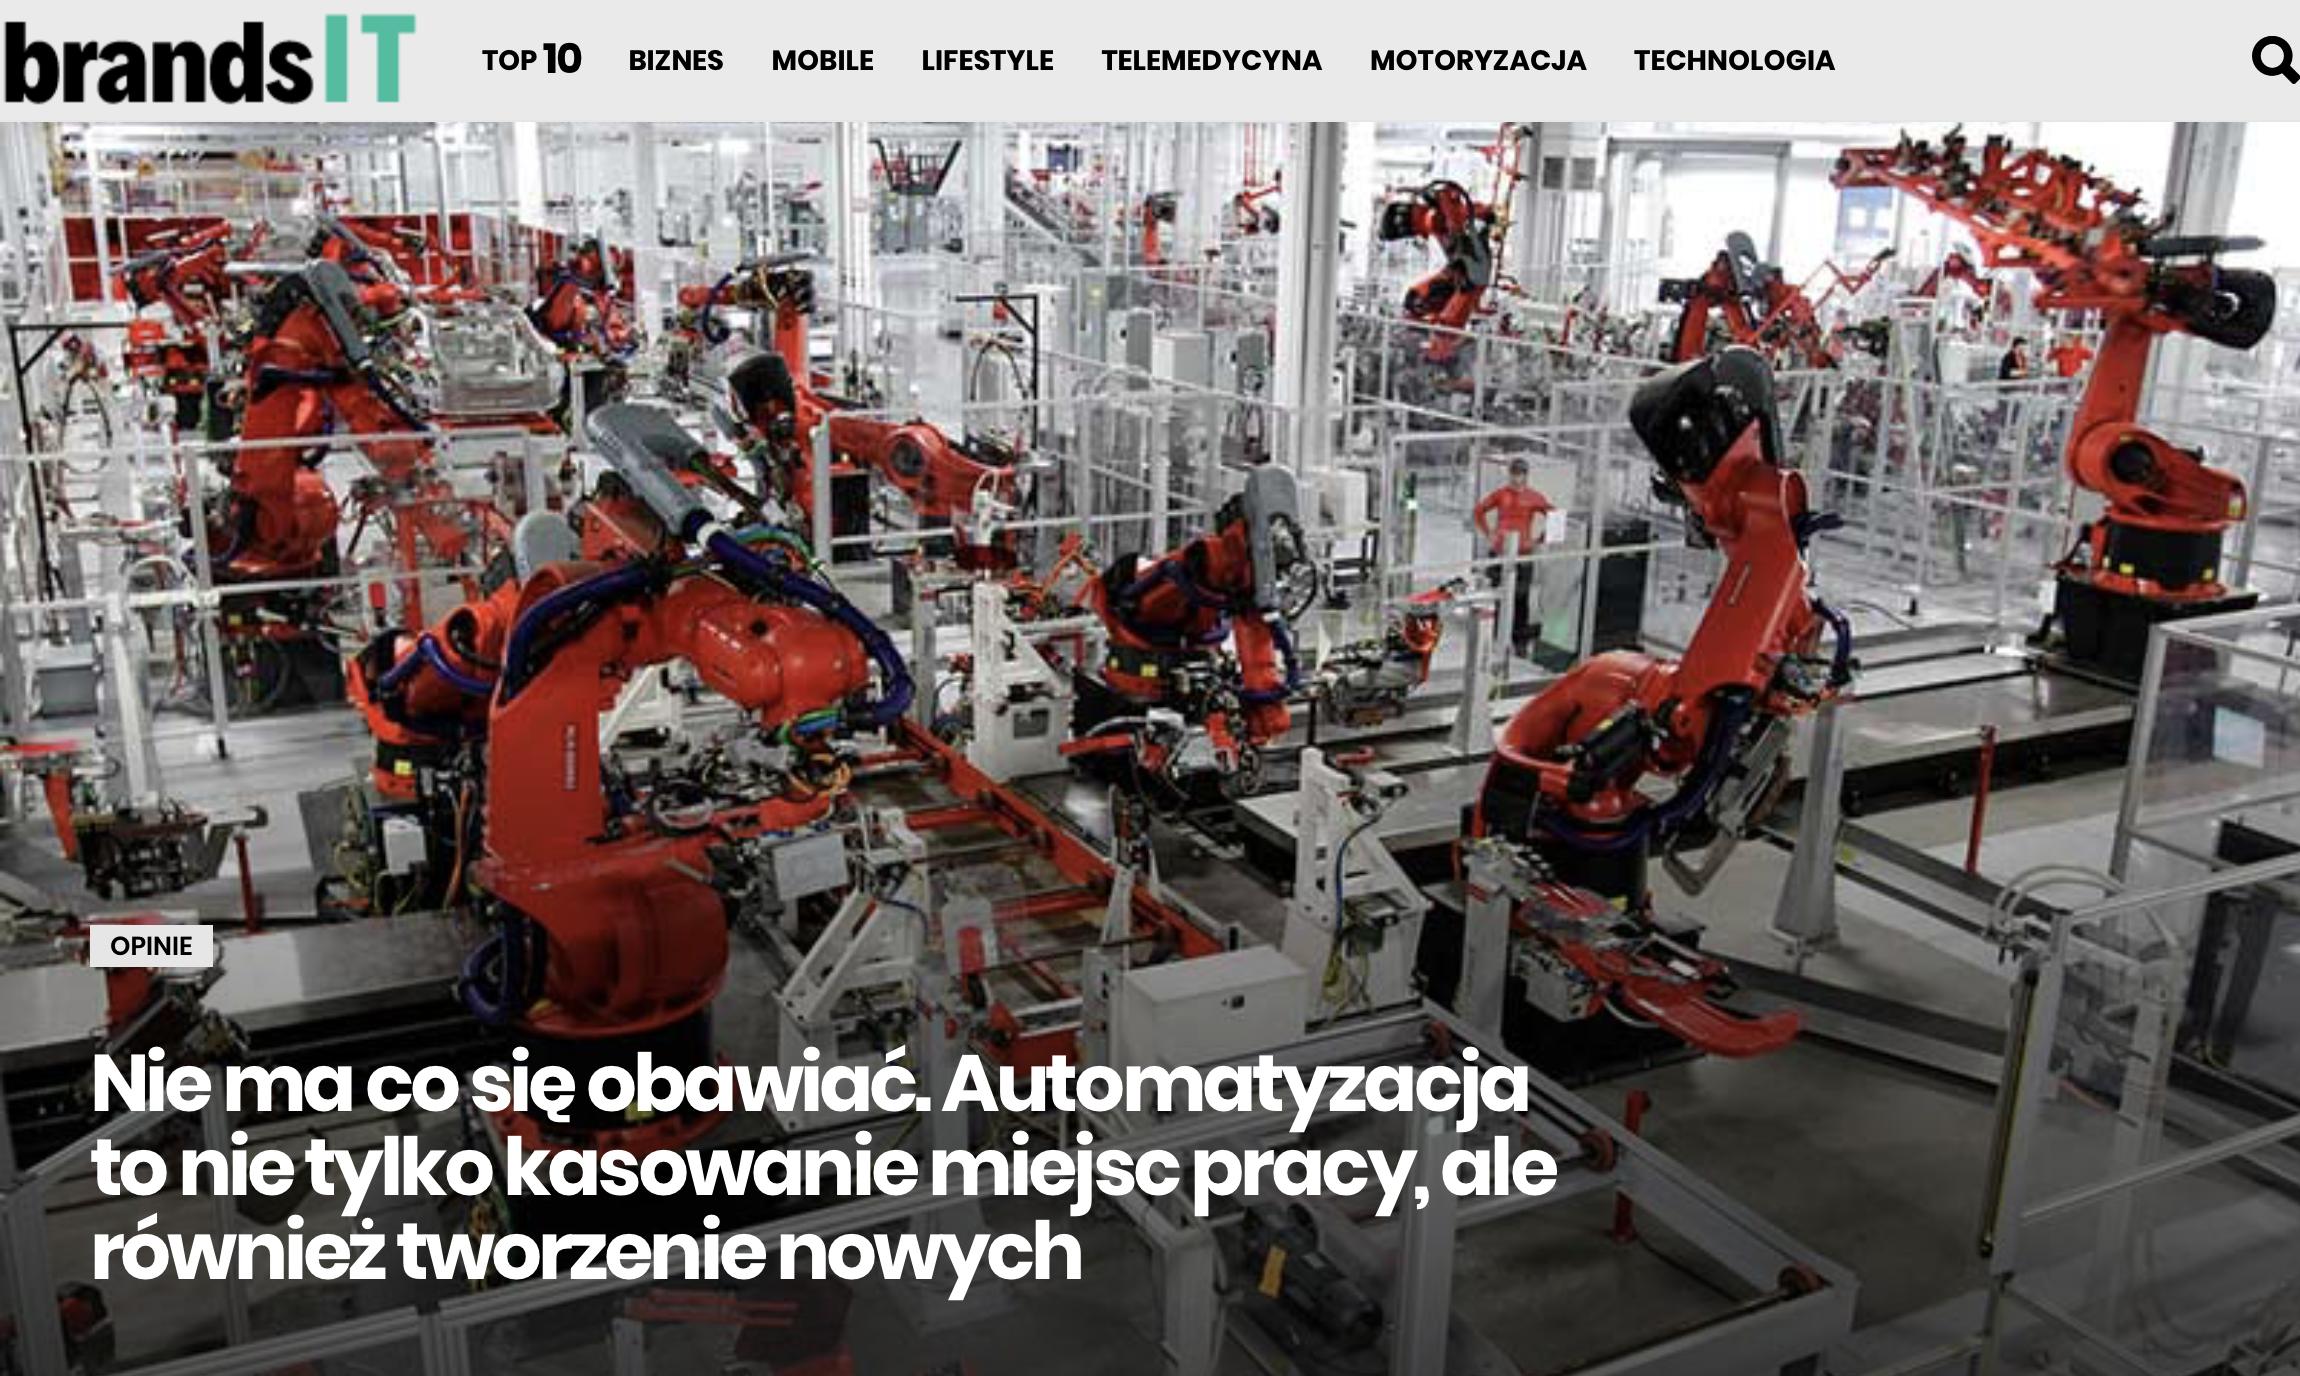 BrandsIT - Nie ma co sie obawiac Norbert Biedrzycki